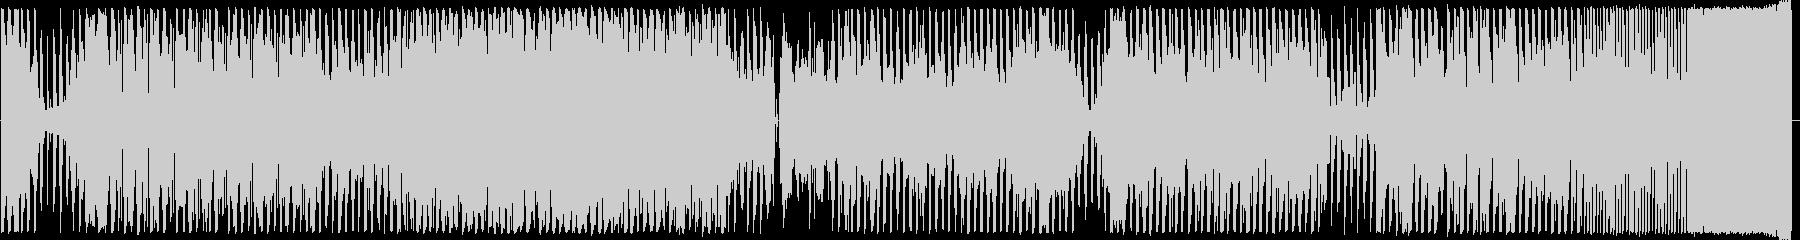 ループシーケンサーを使って初めて作った…の未再生の波形